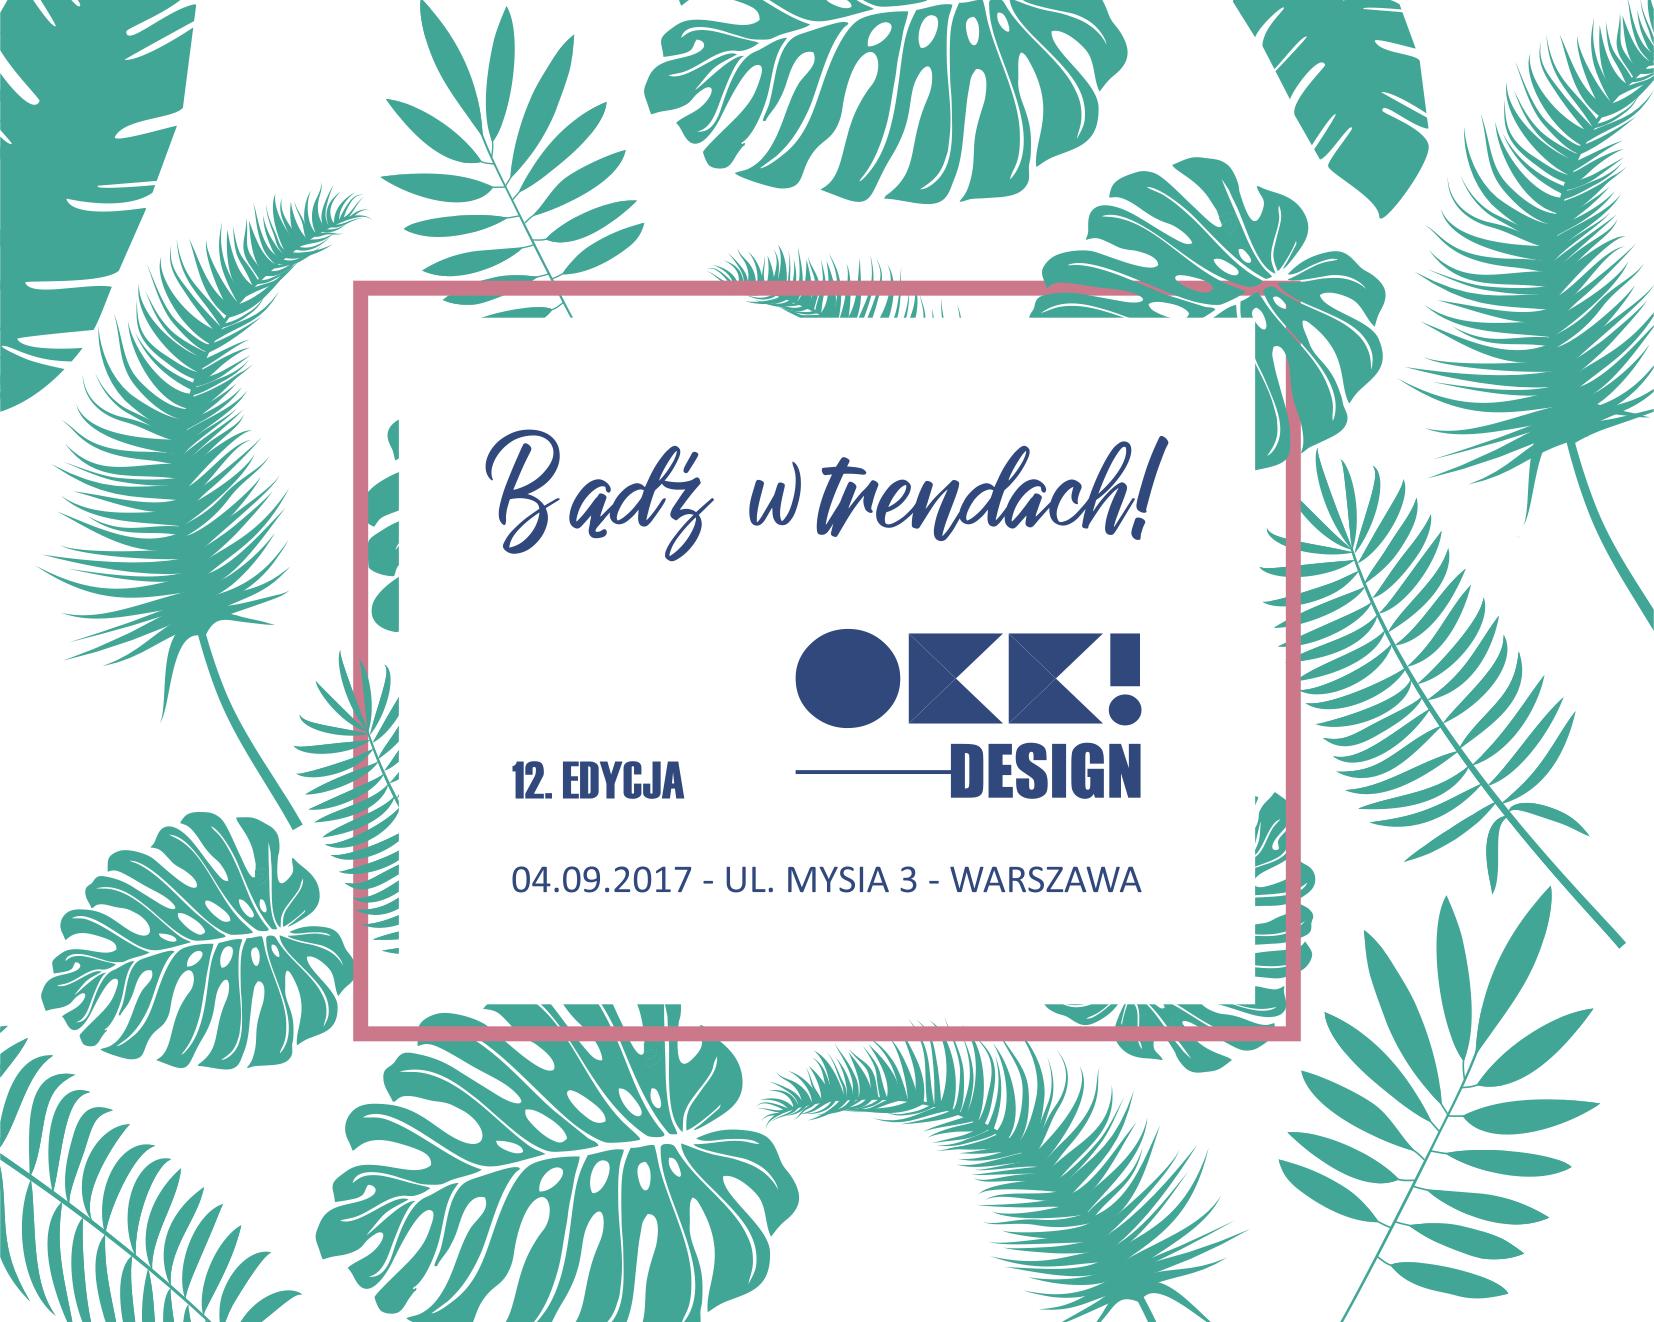 12. OKK! design. Bądź w trendach (źródło: materiały prasowe)